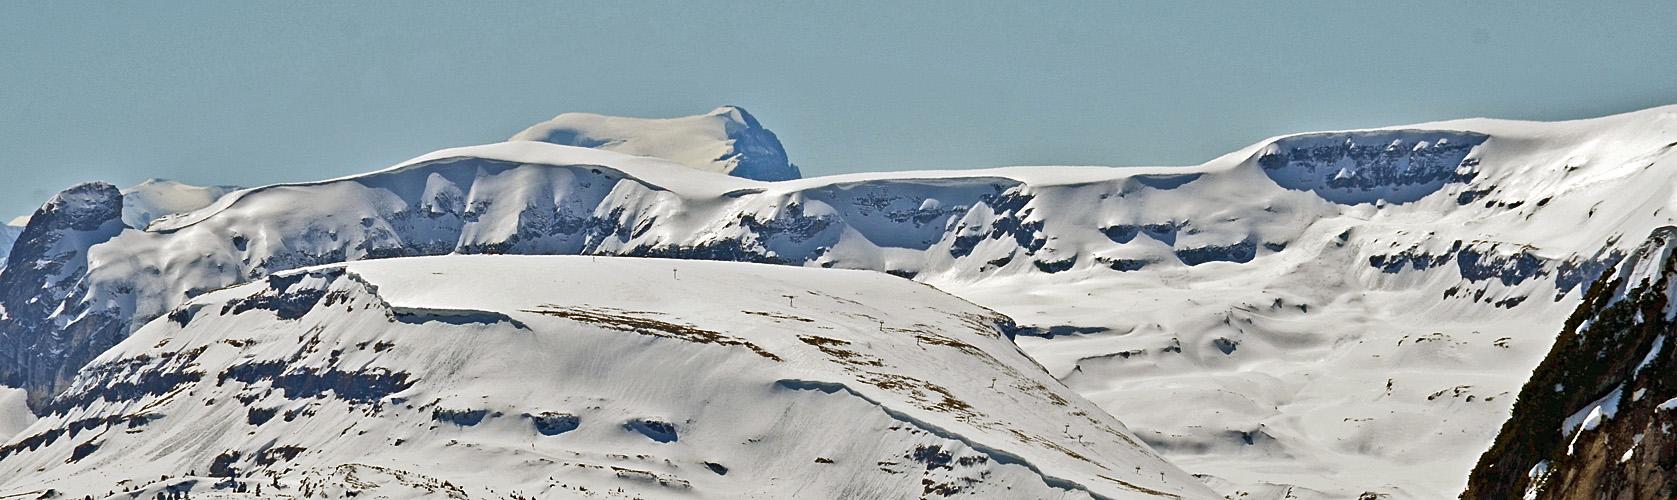 Alpine Glitzerlandschaft